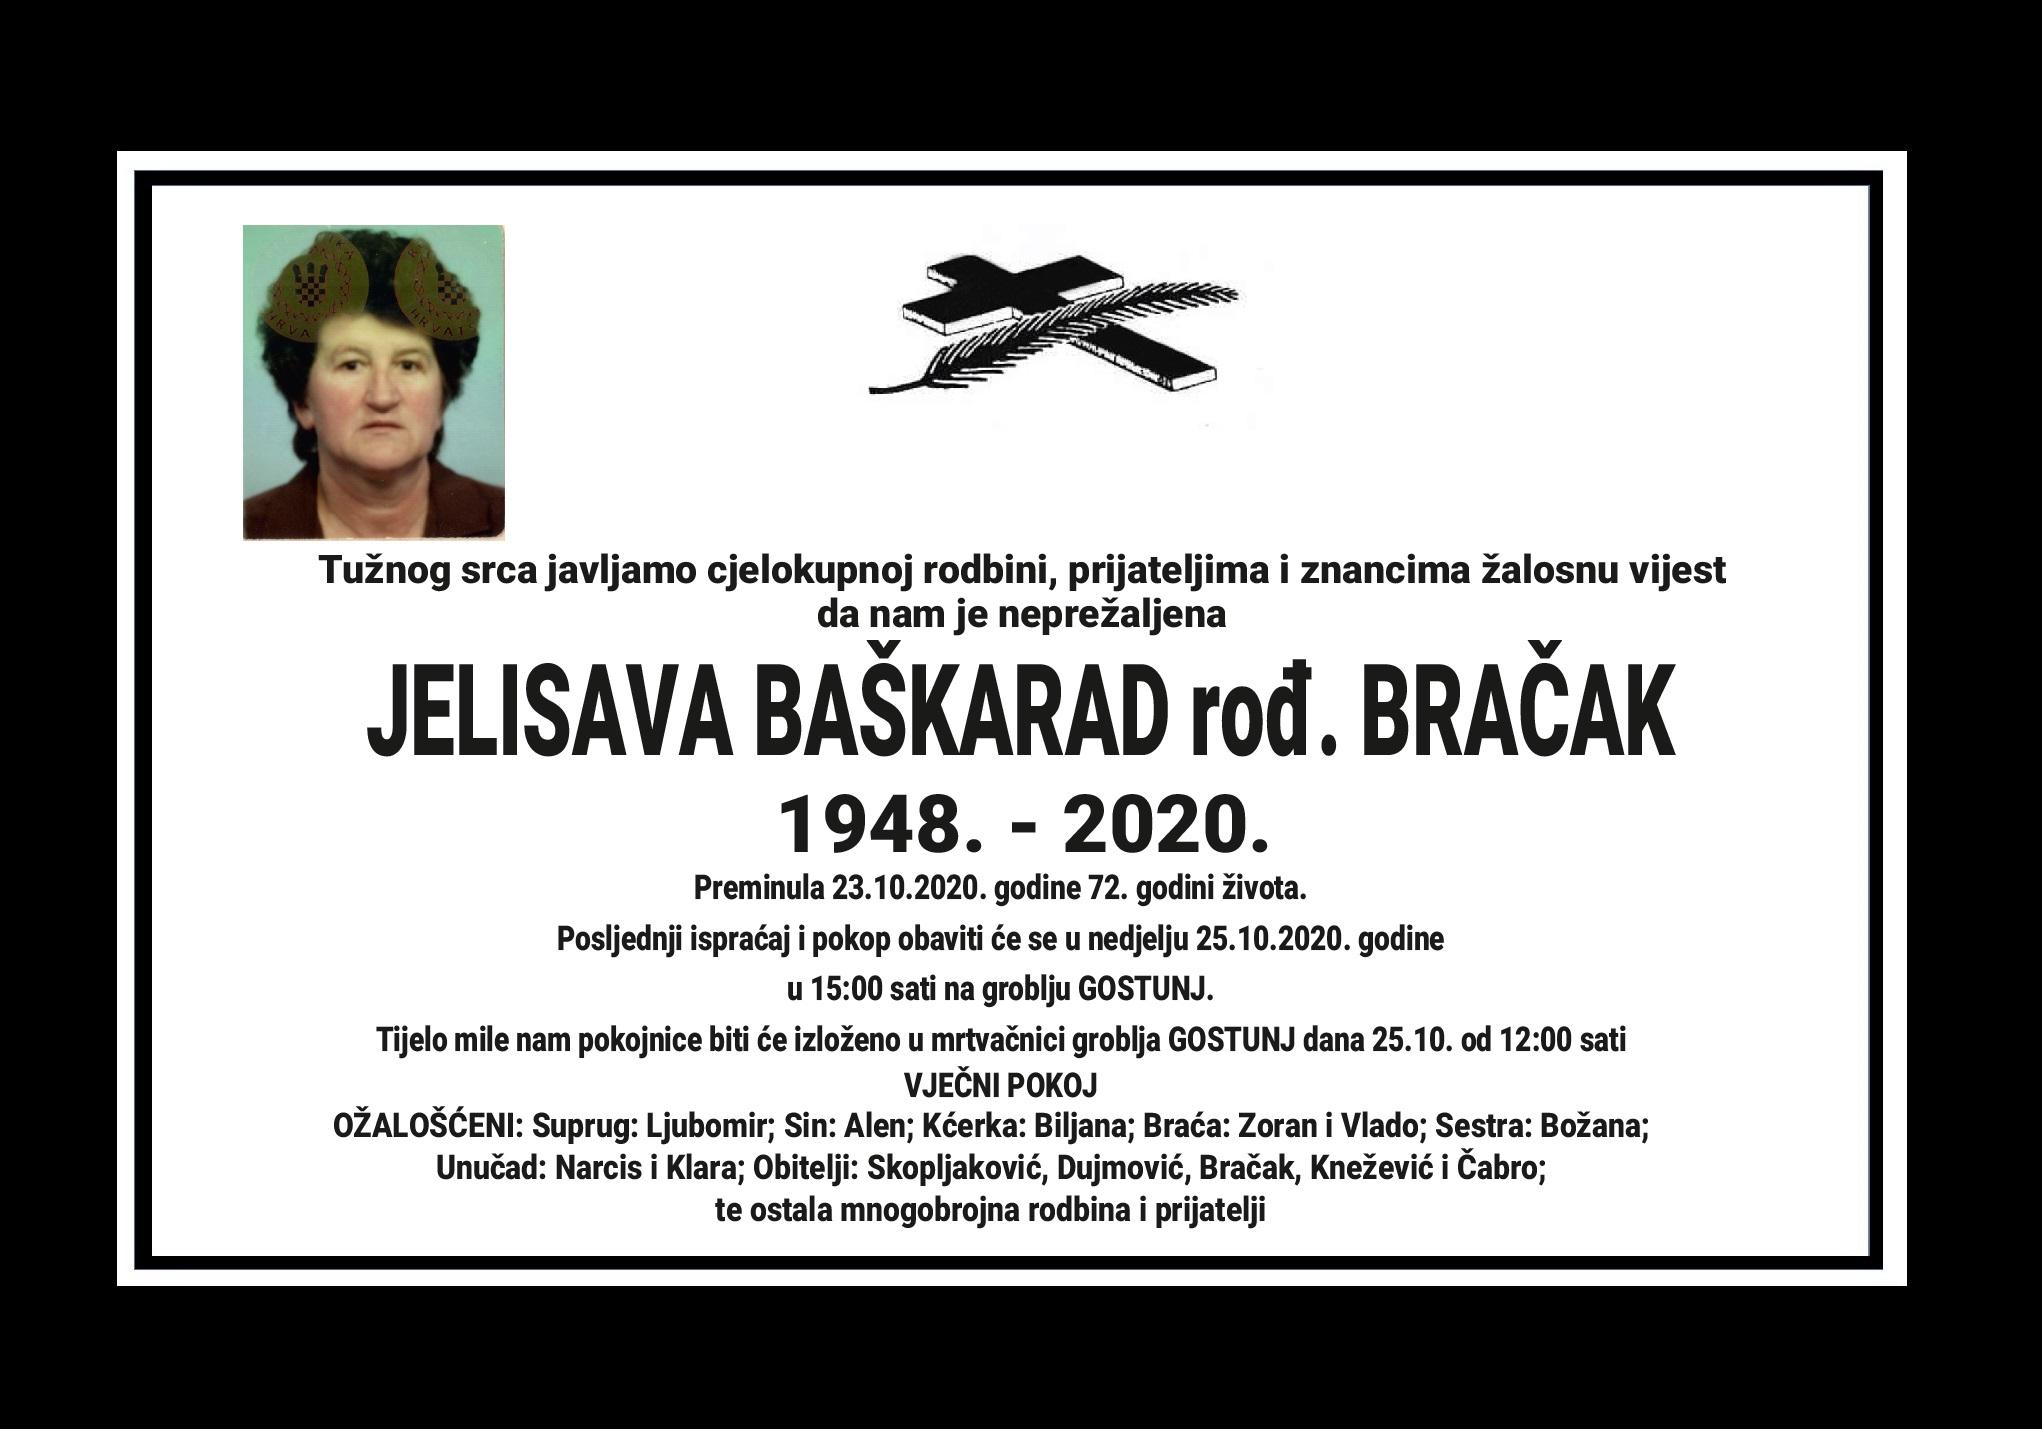 Jelisava Baškarad rođ. Bračak